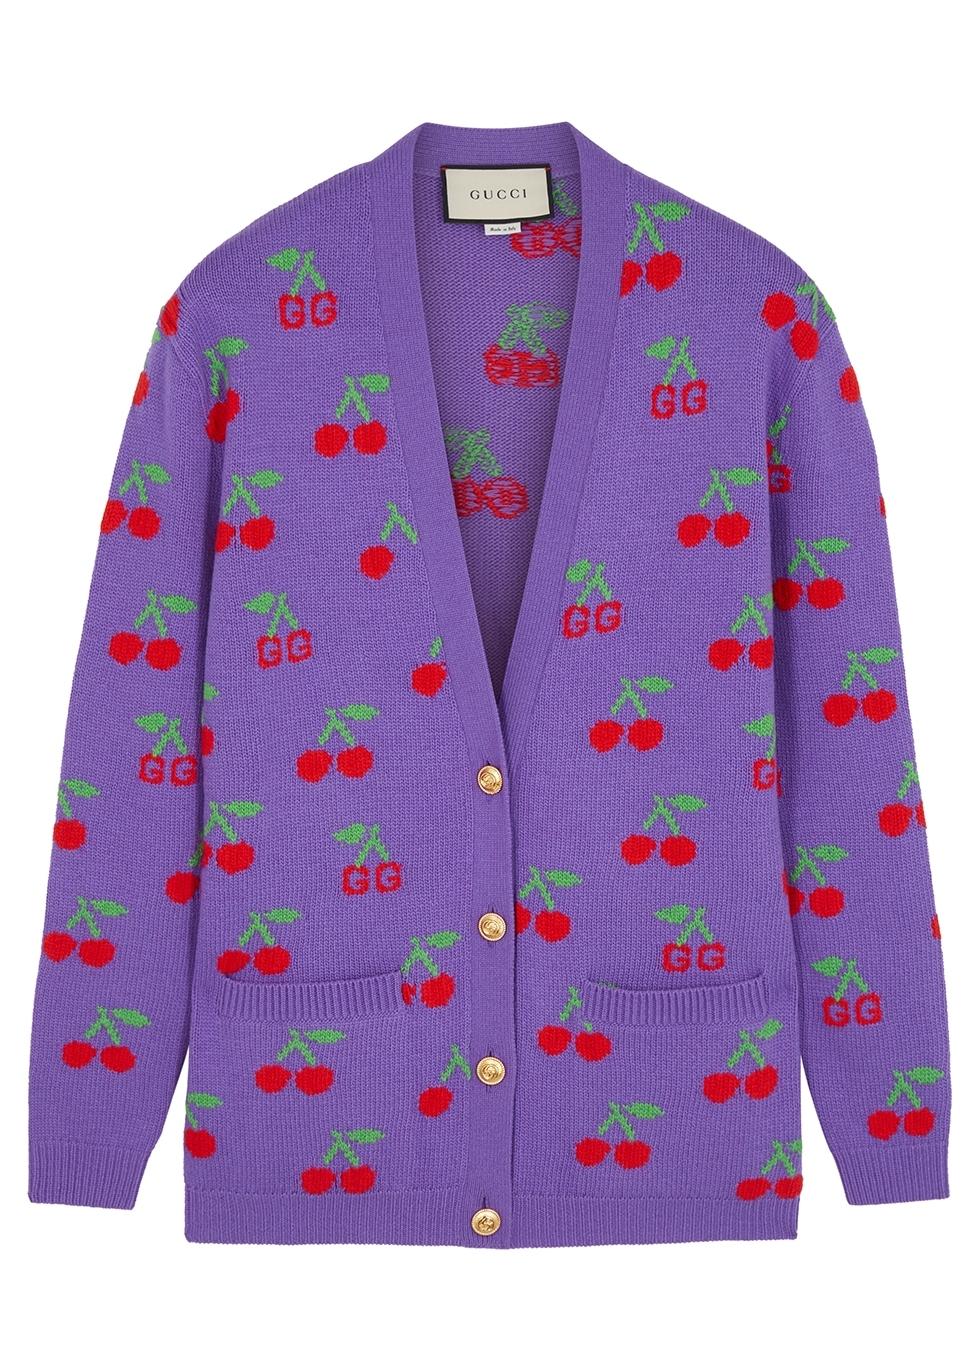 582d6aaf0 Gucci - Designer Clothes - Harvey Nichols